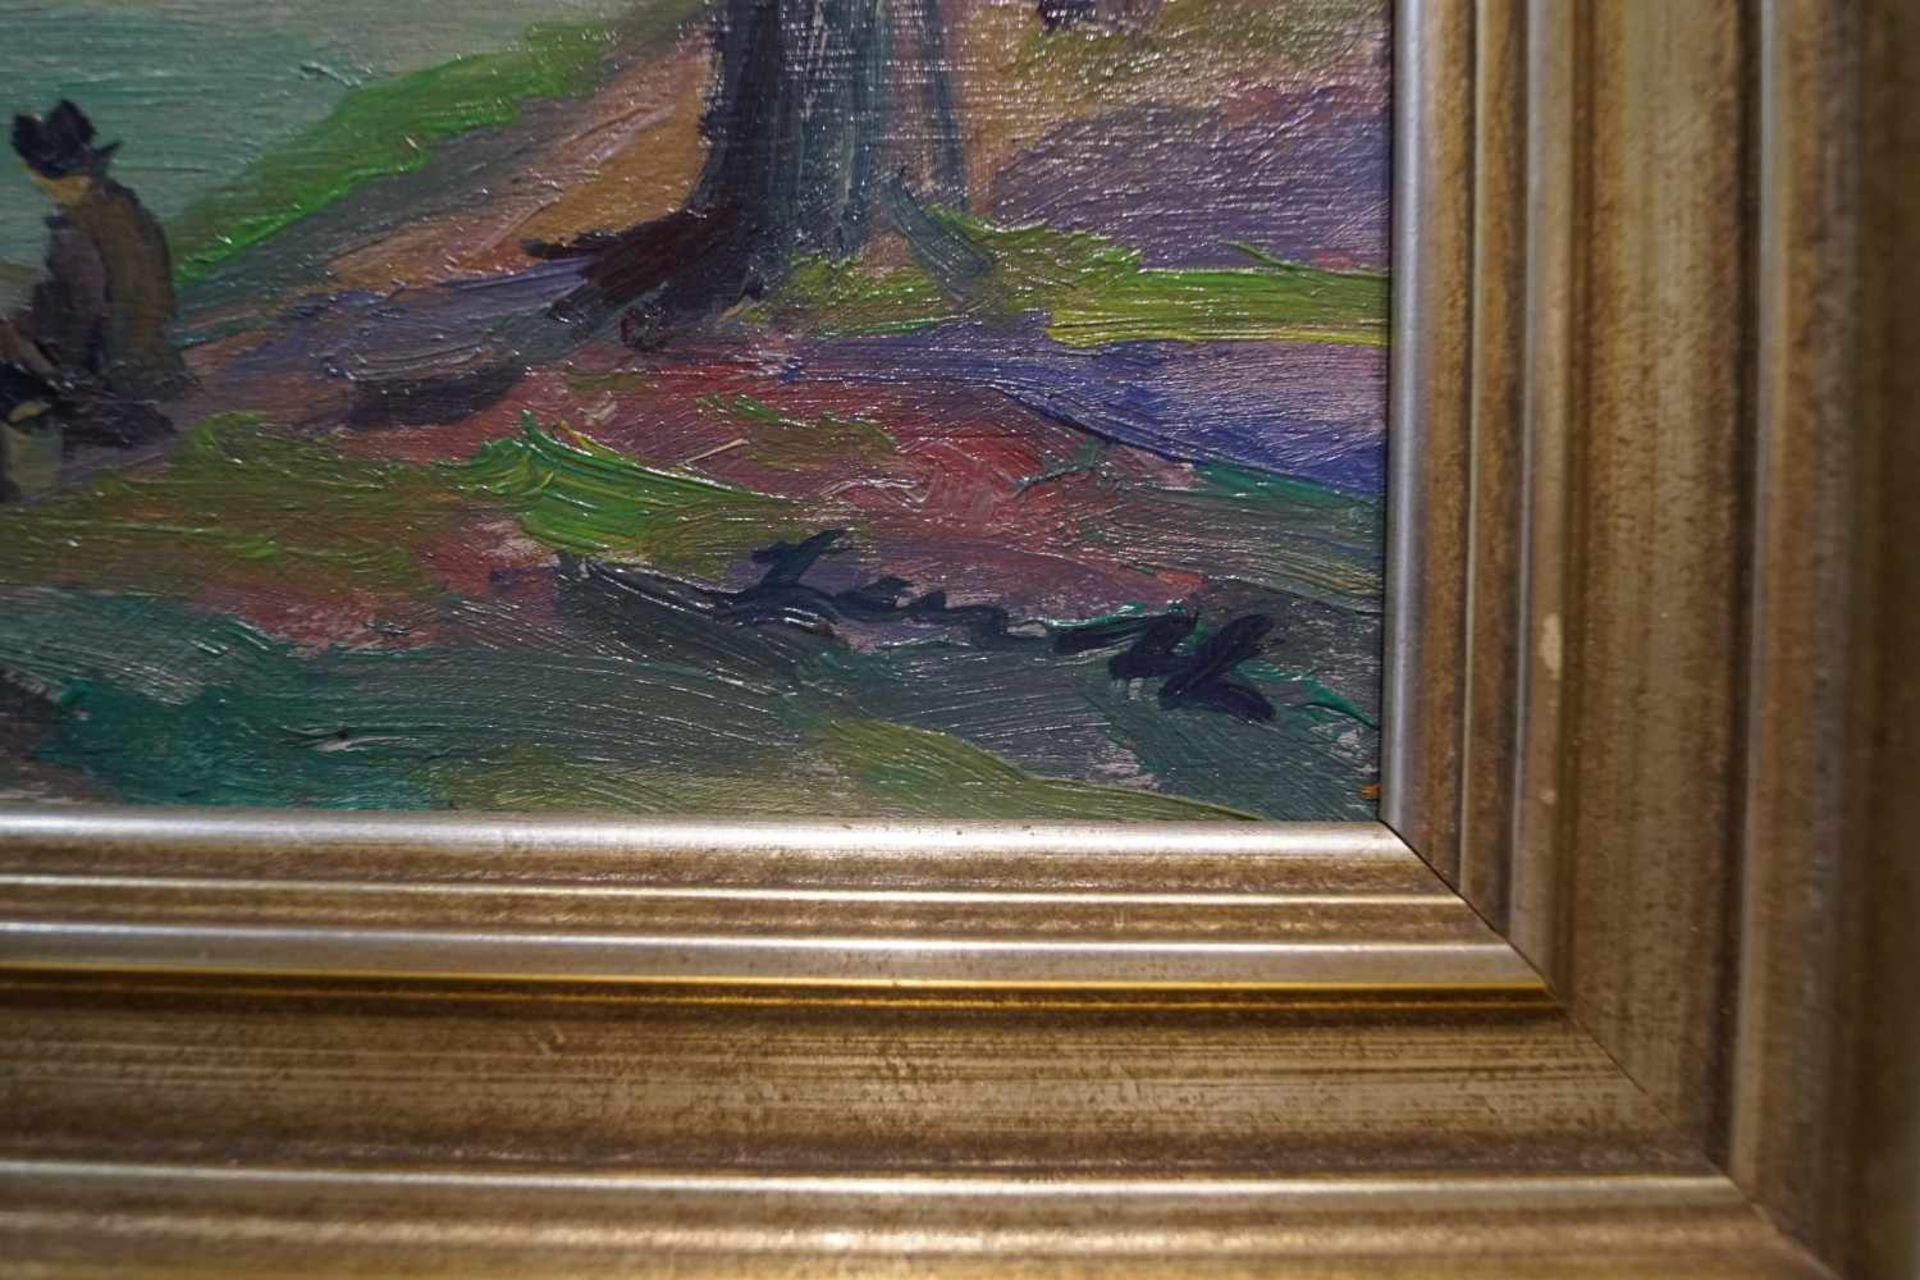 Angler am Altrhein Öl/Platte, Robert Lauth (1896-1985), Höhe 40 cm x Breite 49,5 cm, Bild in einem - Bild 2 aus 2